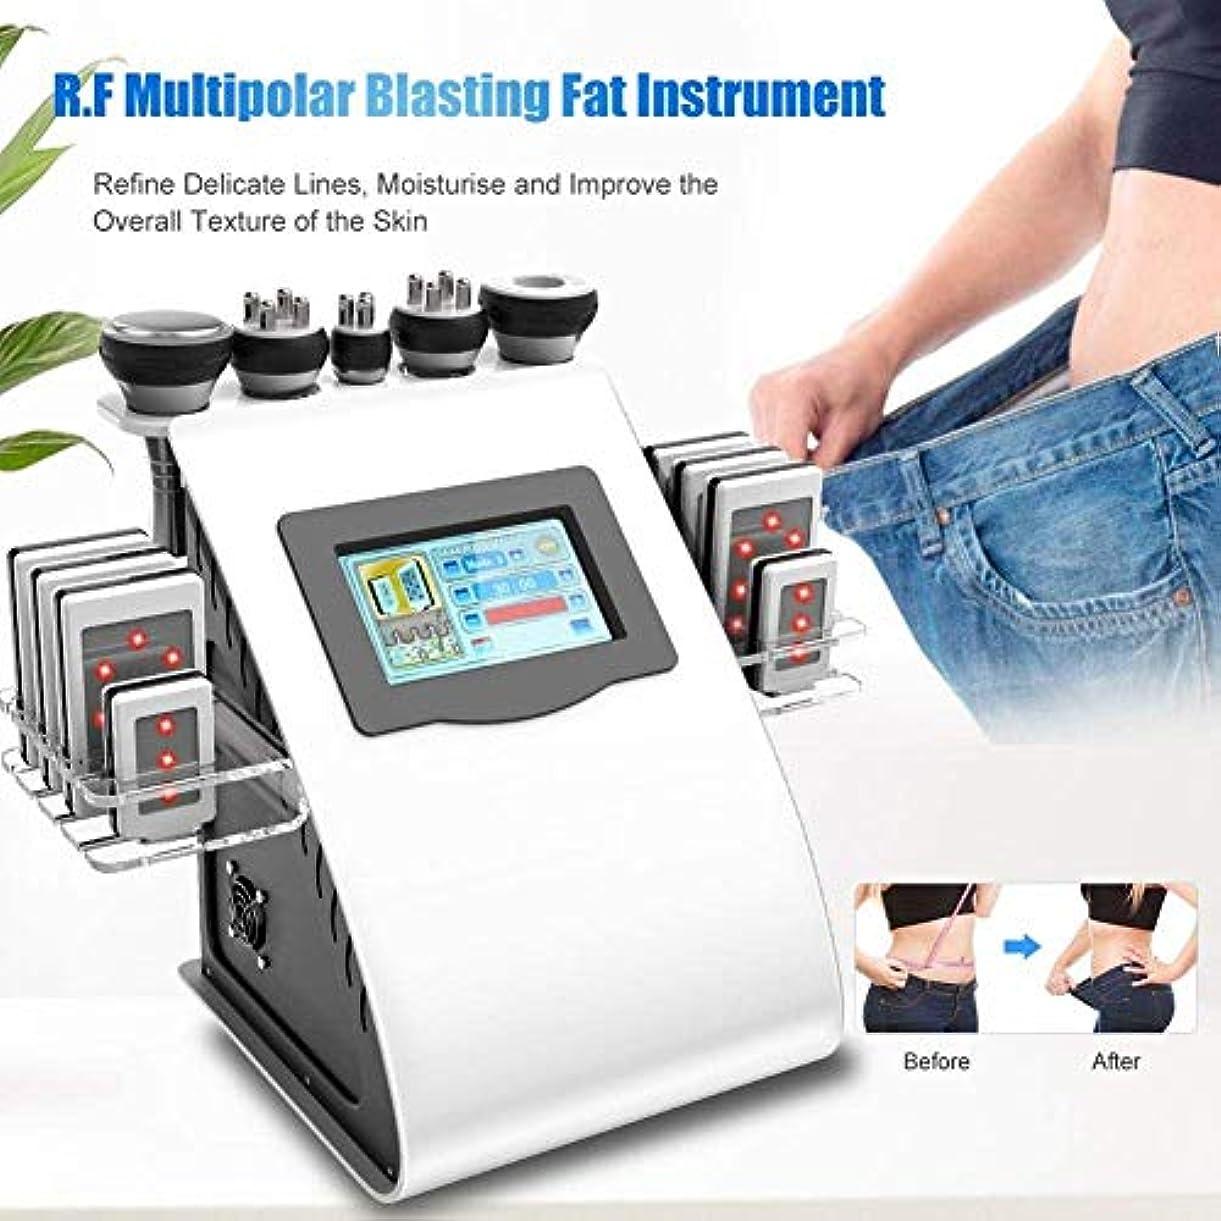 ビタミン共同選択期待5 in 1 ボディシェイピング 脂肪燃焼 機械、 美人 ケア デバイス マッサージャー、 プロ 顔と体 Slim身 処理 デバイス 機械